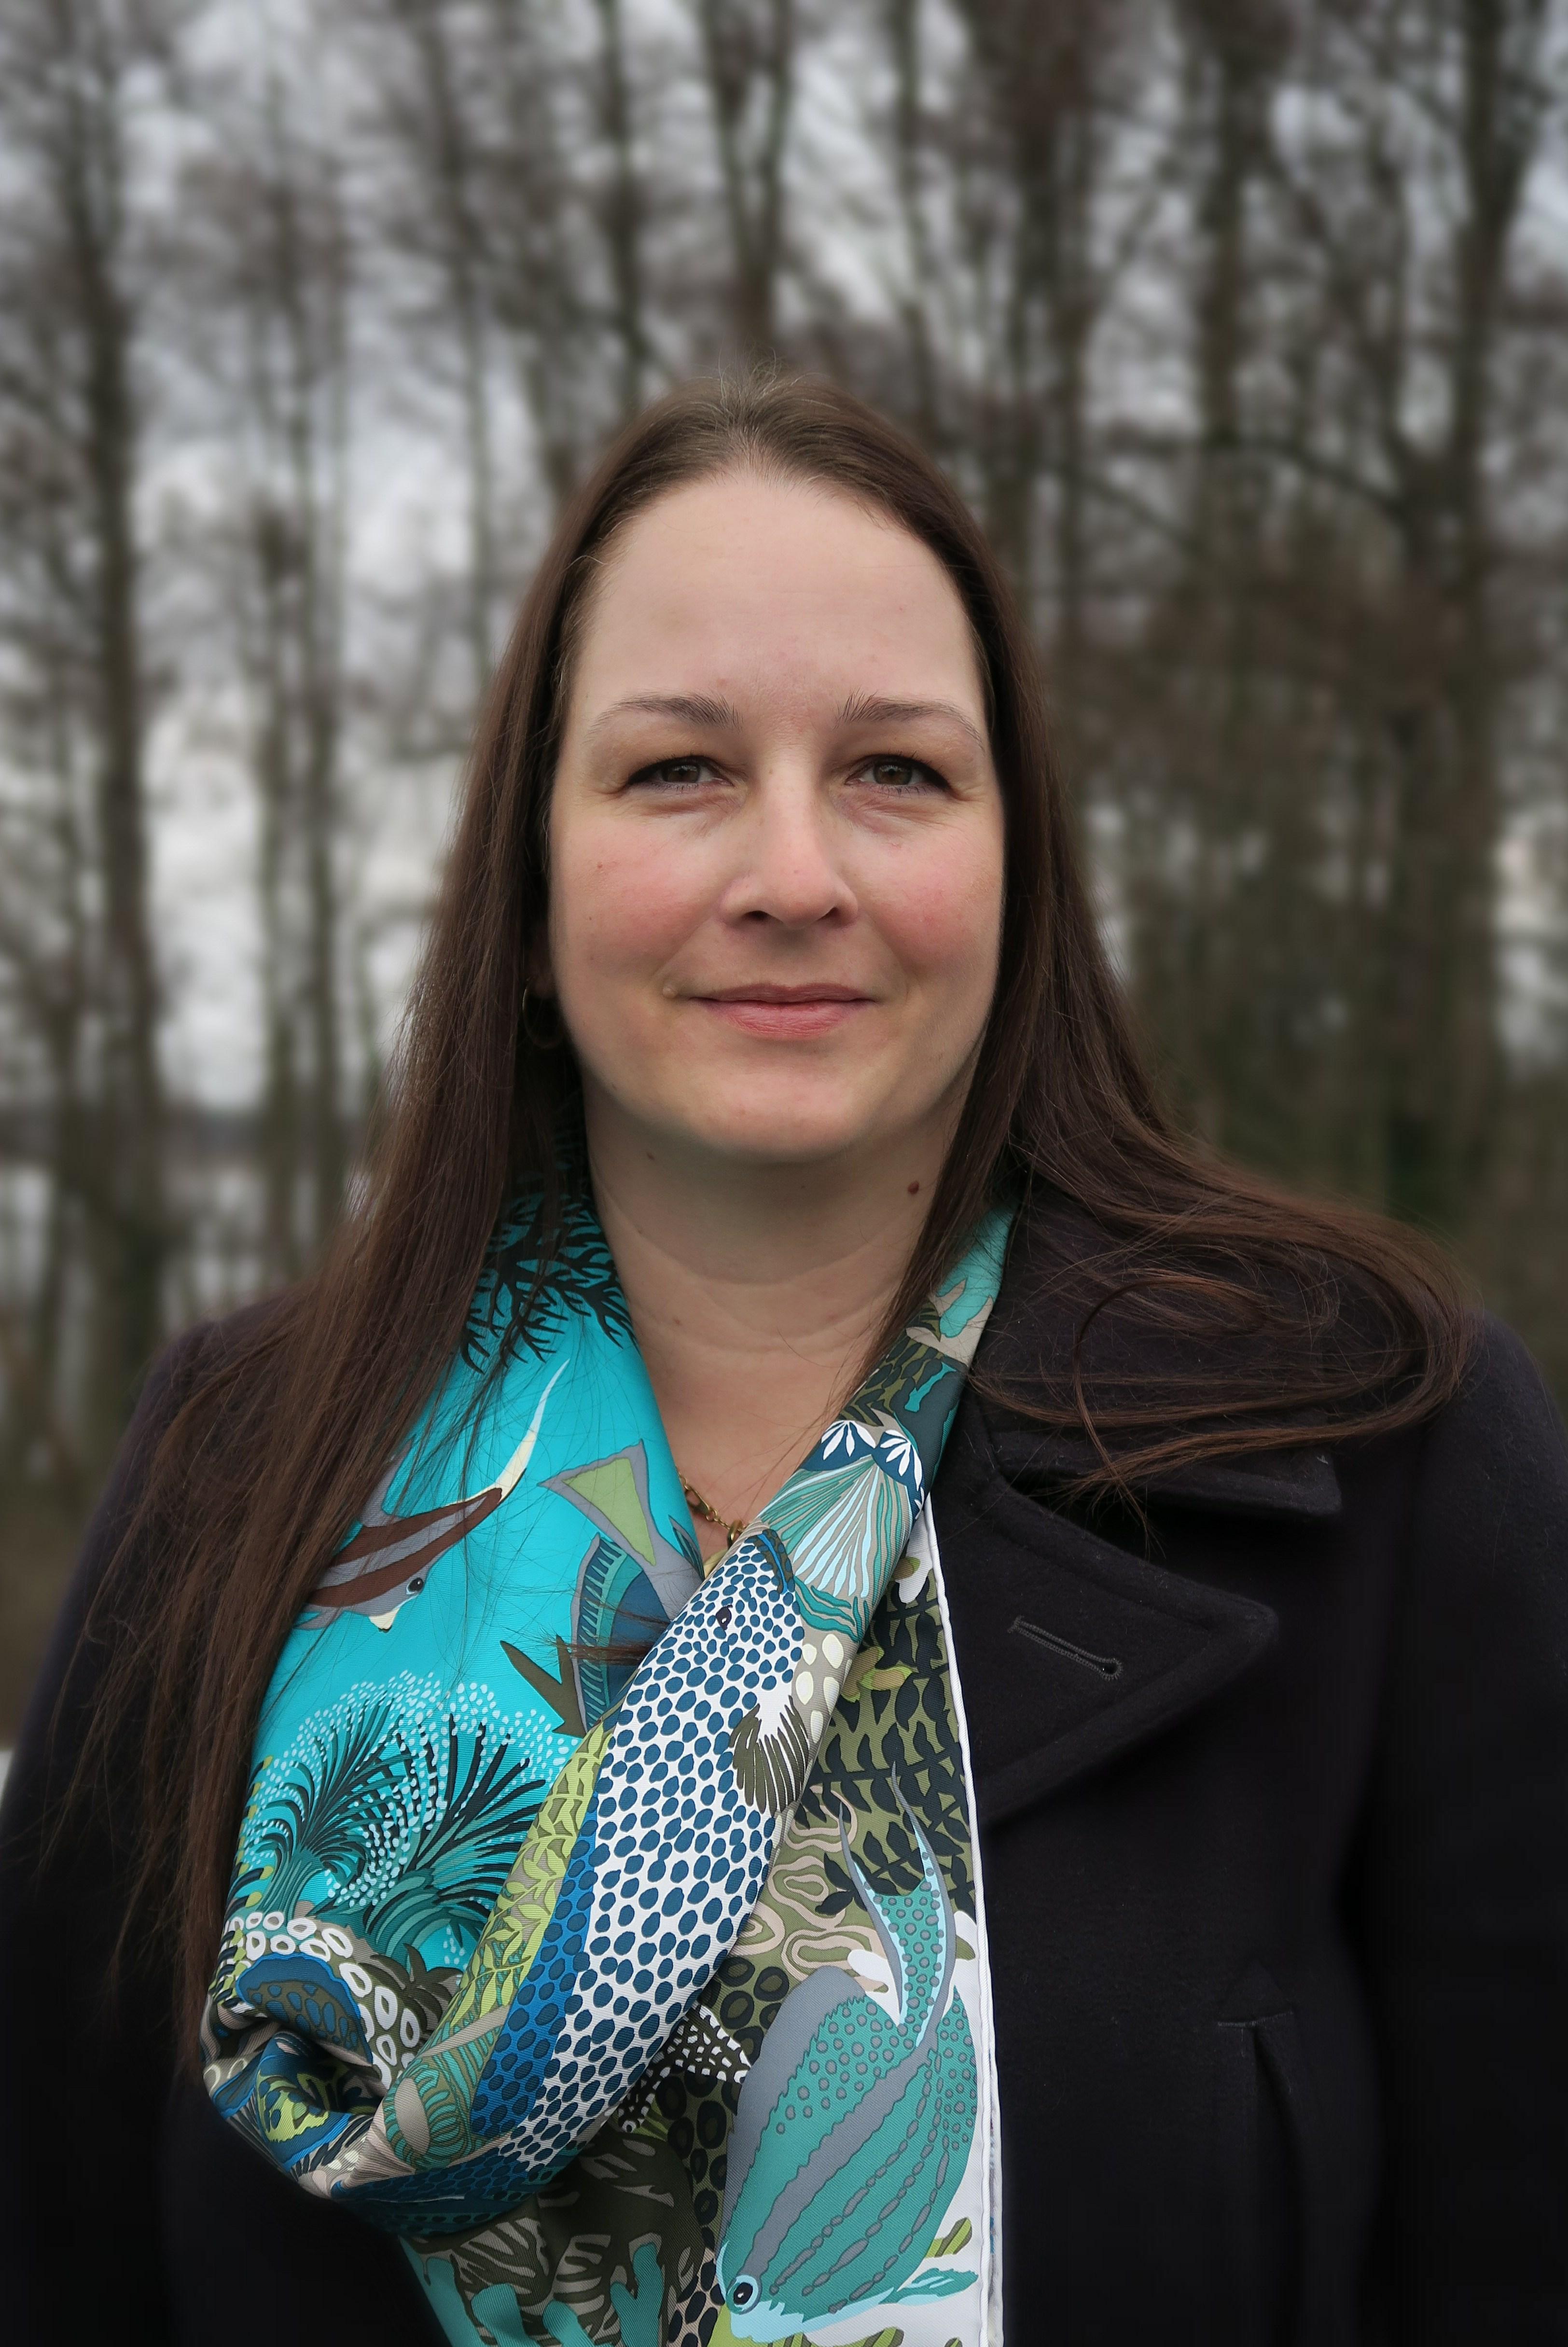 Kristin Drukiewicz